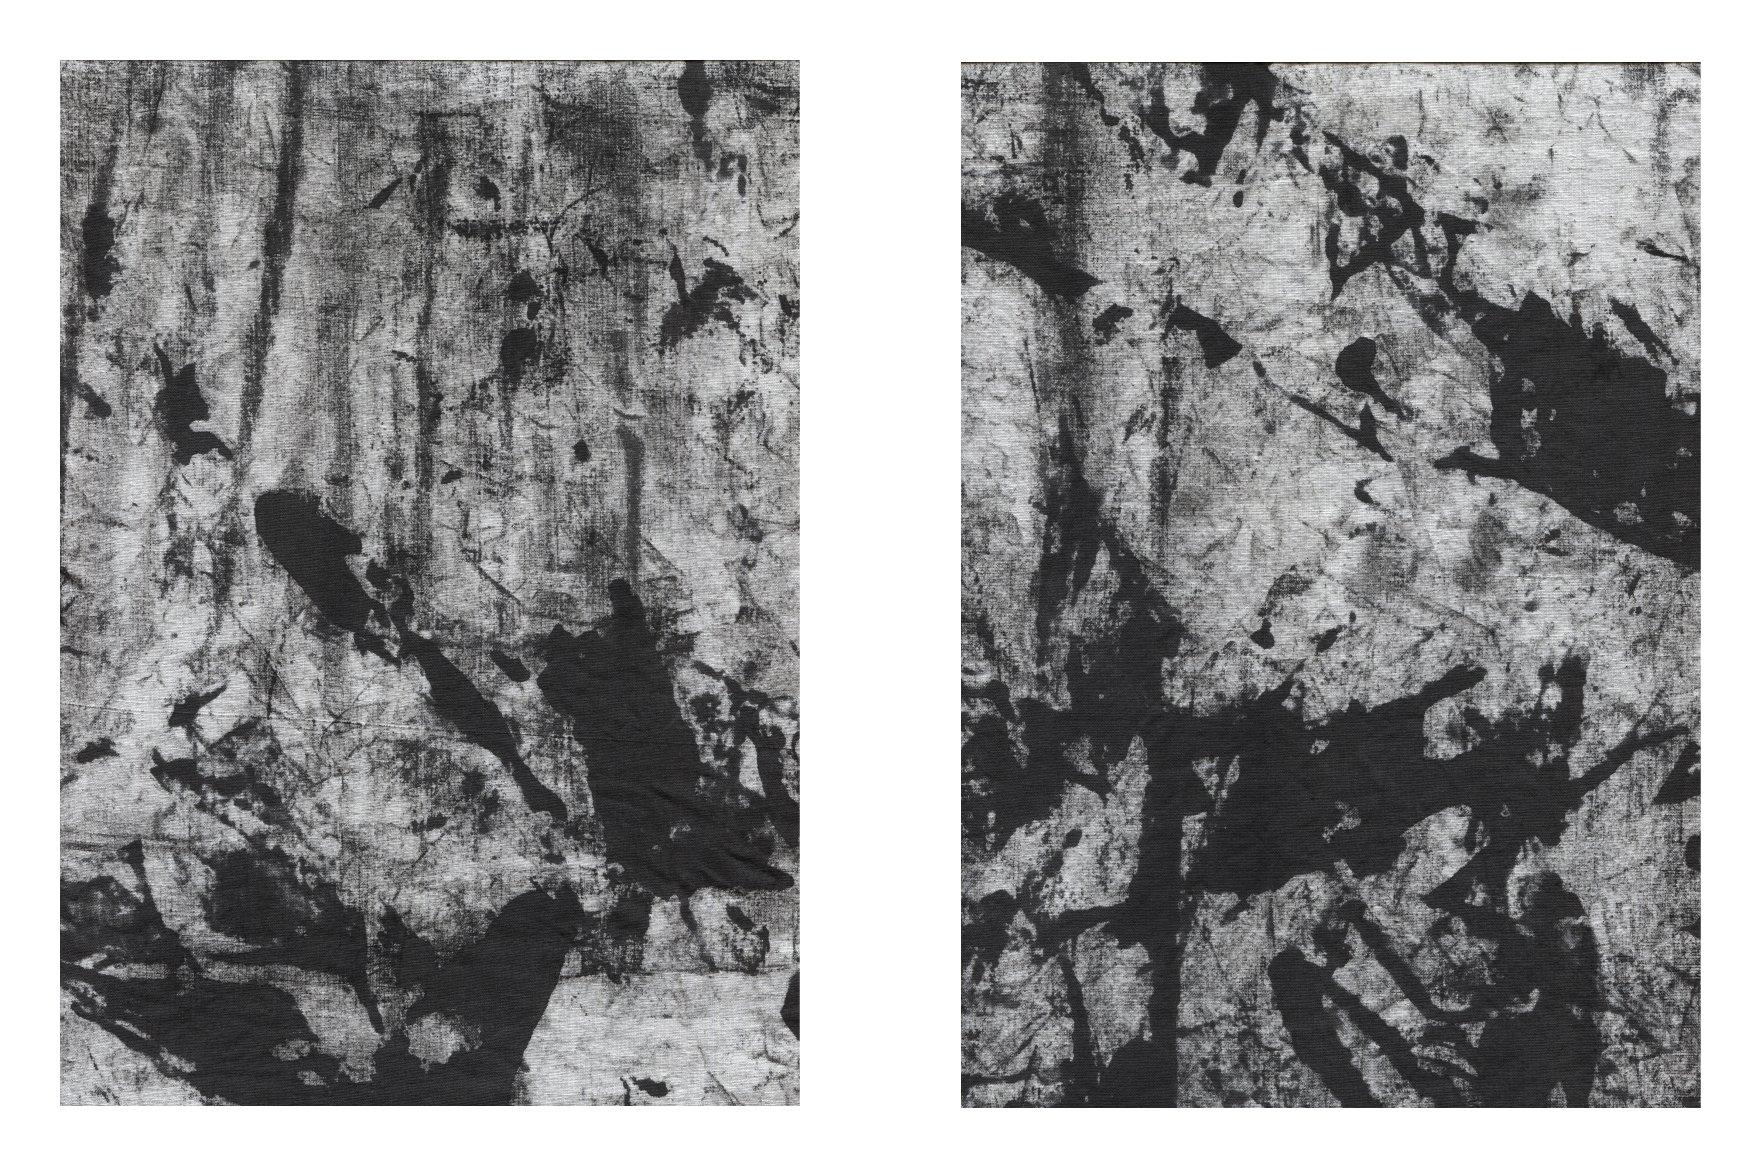 156款复古做旧折痕磨损褶皱纸张背景纹理素材合集 The Grunge Texture Bundle Vol. 1插图(12)